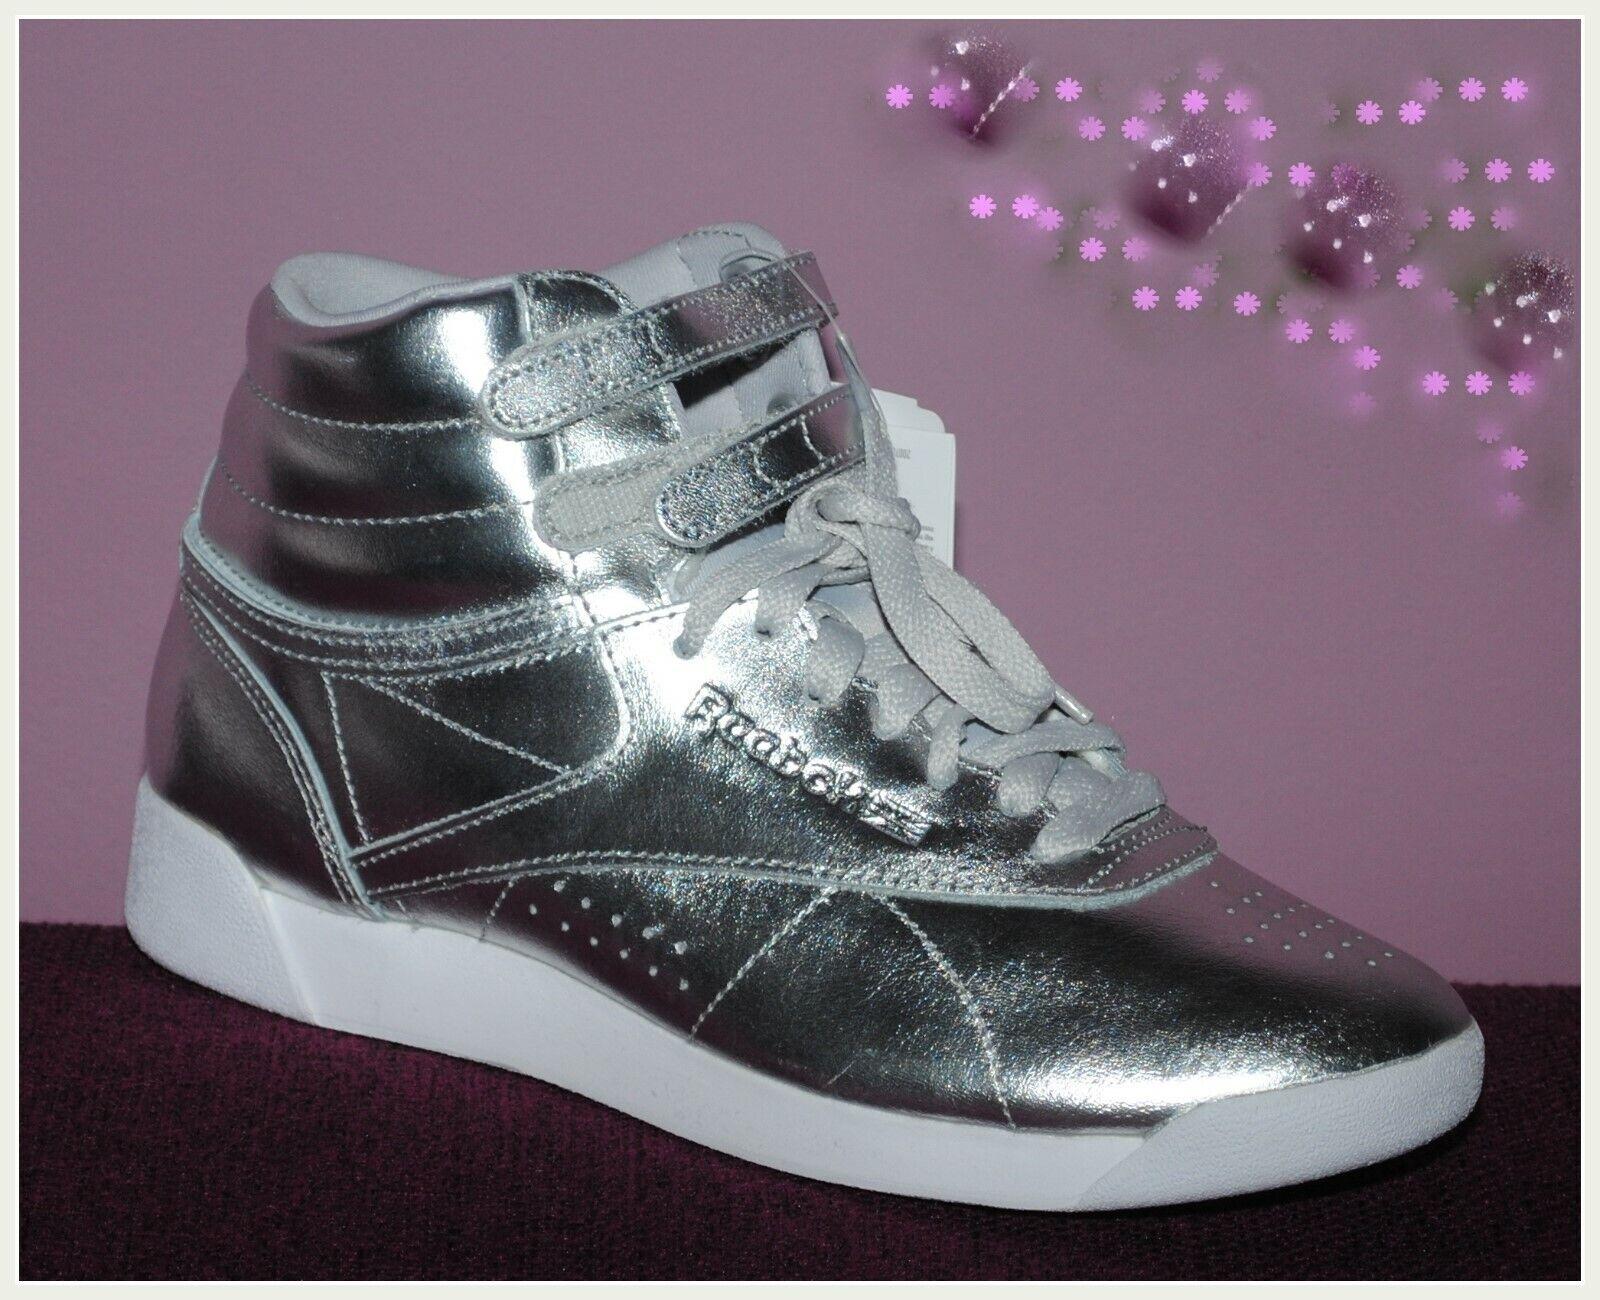 Sneaker Freizeitschuhe Schuhe Mädchen Reebok Freestyle Silber Metallic Gr. 37